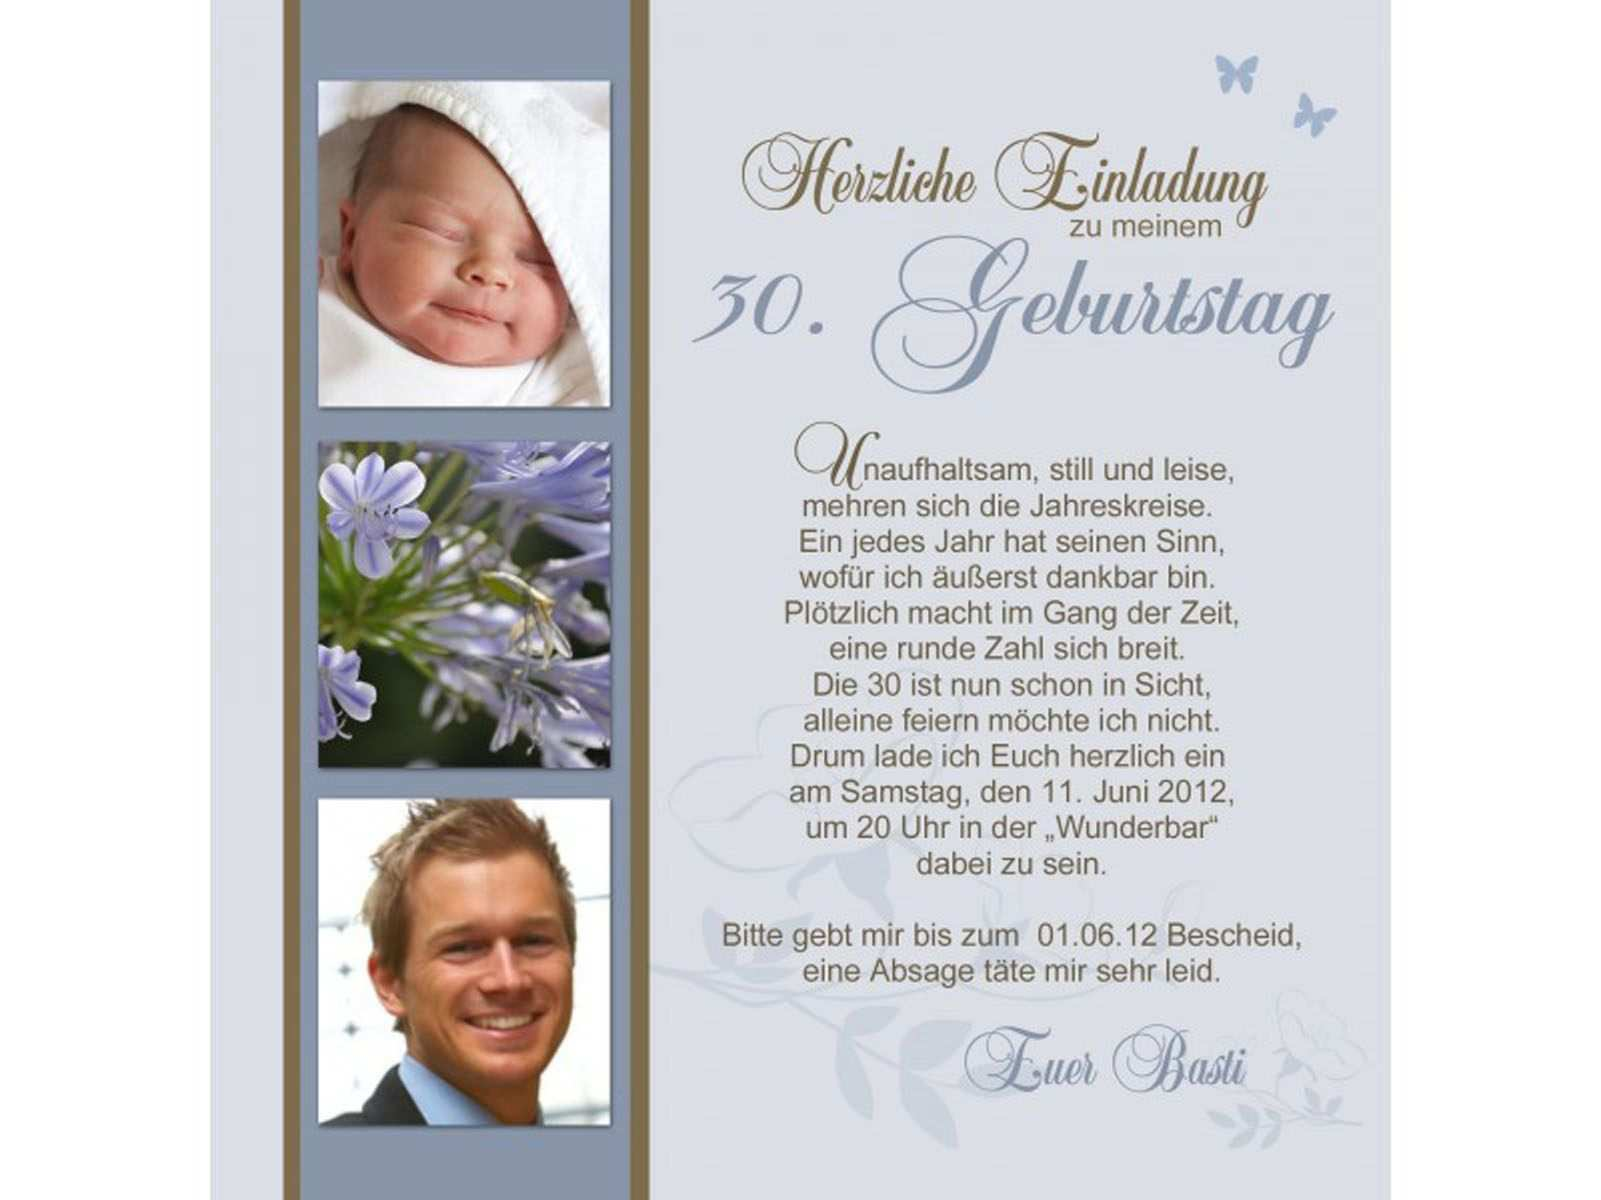 Einladungskarten 60 Geburtstag Einladungskarten 60 Geburtstag Selber Basteln Einlad Einladung Geburtstag Text Einladung Geburtstag Einladung 60 Geburtstag